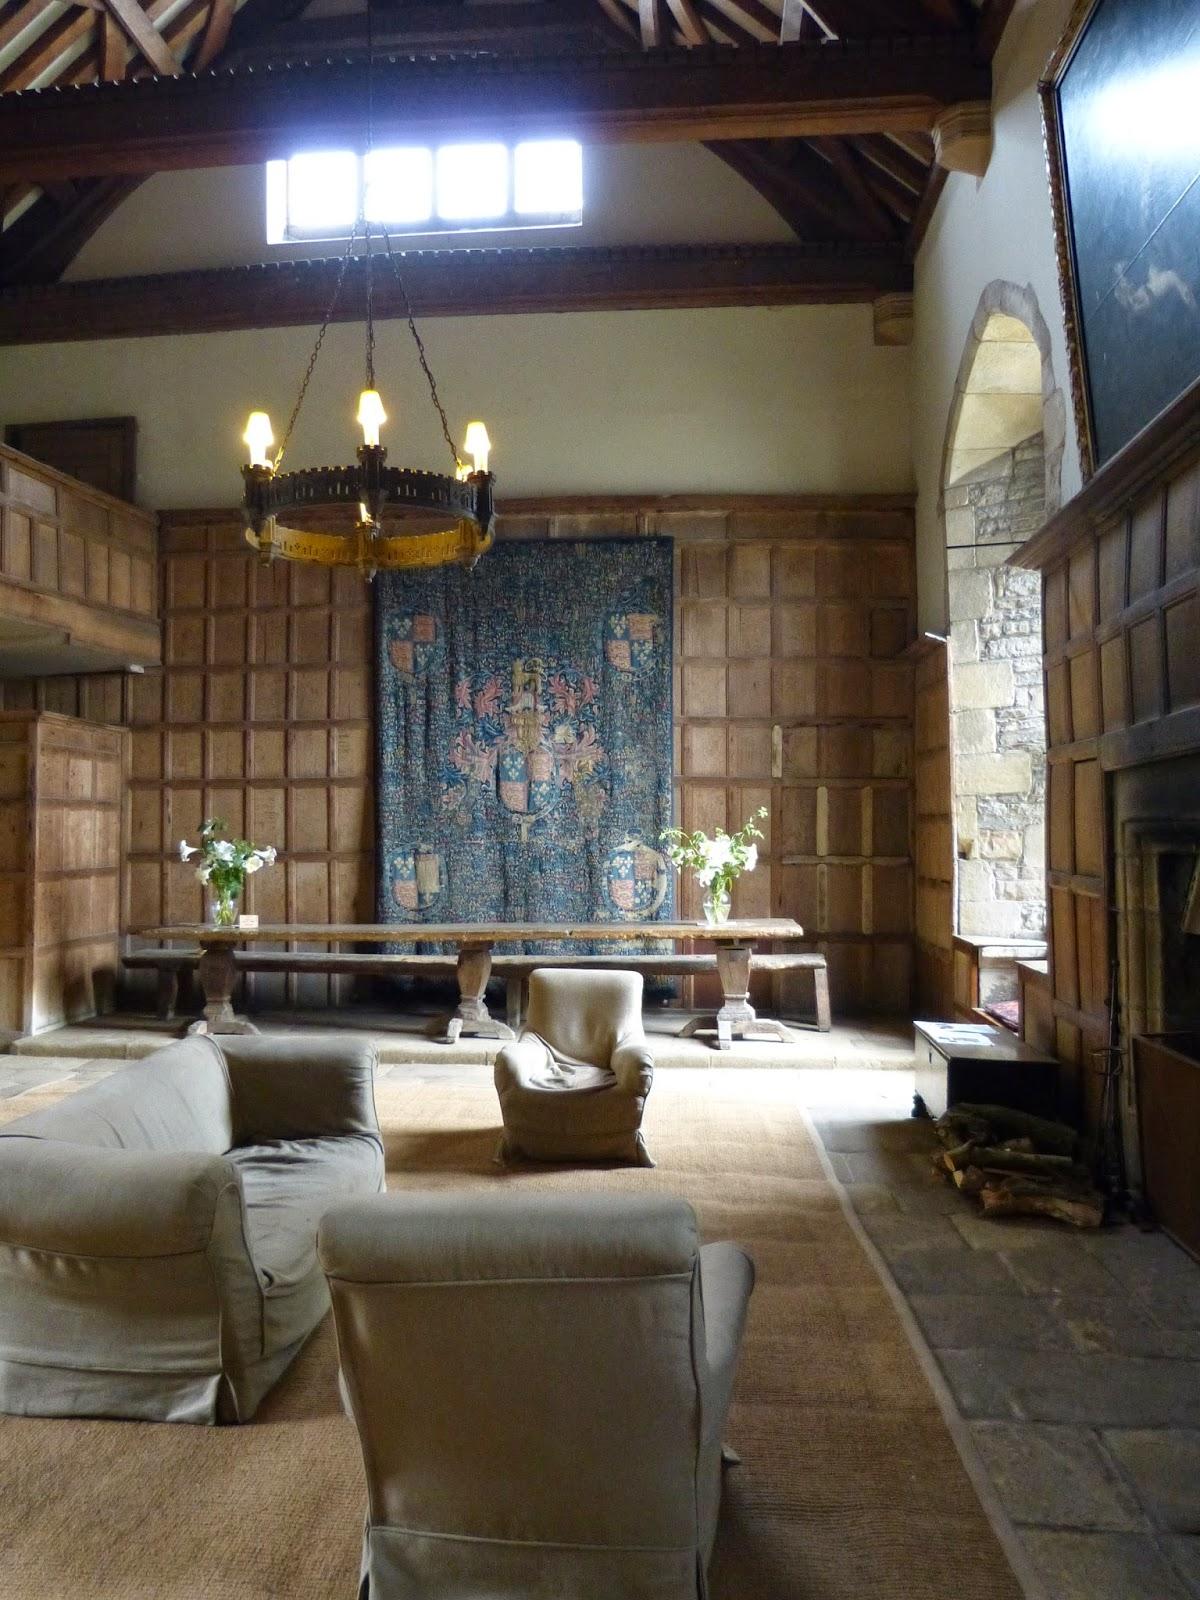 The Banqueting Hall, Haddon Hall